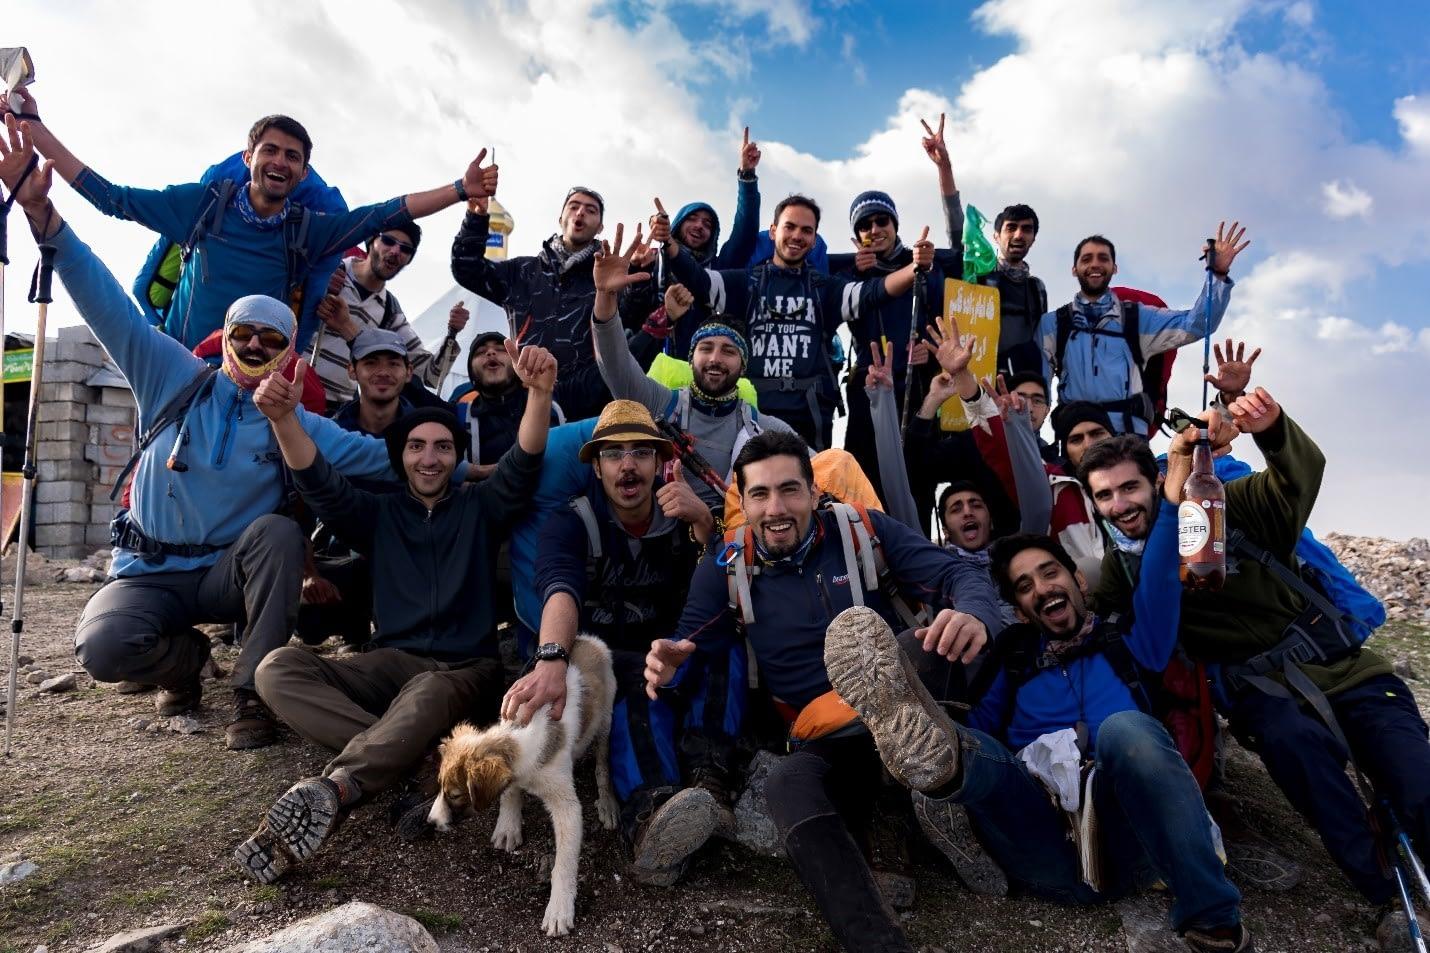 عکس دسته جمعی گروه در کنار امامزاده قاسم، قبل از حرکت به سمت جنگل الیمستان